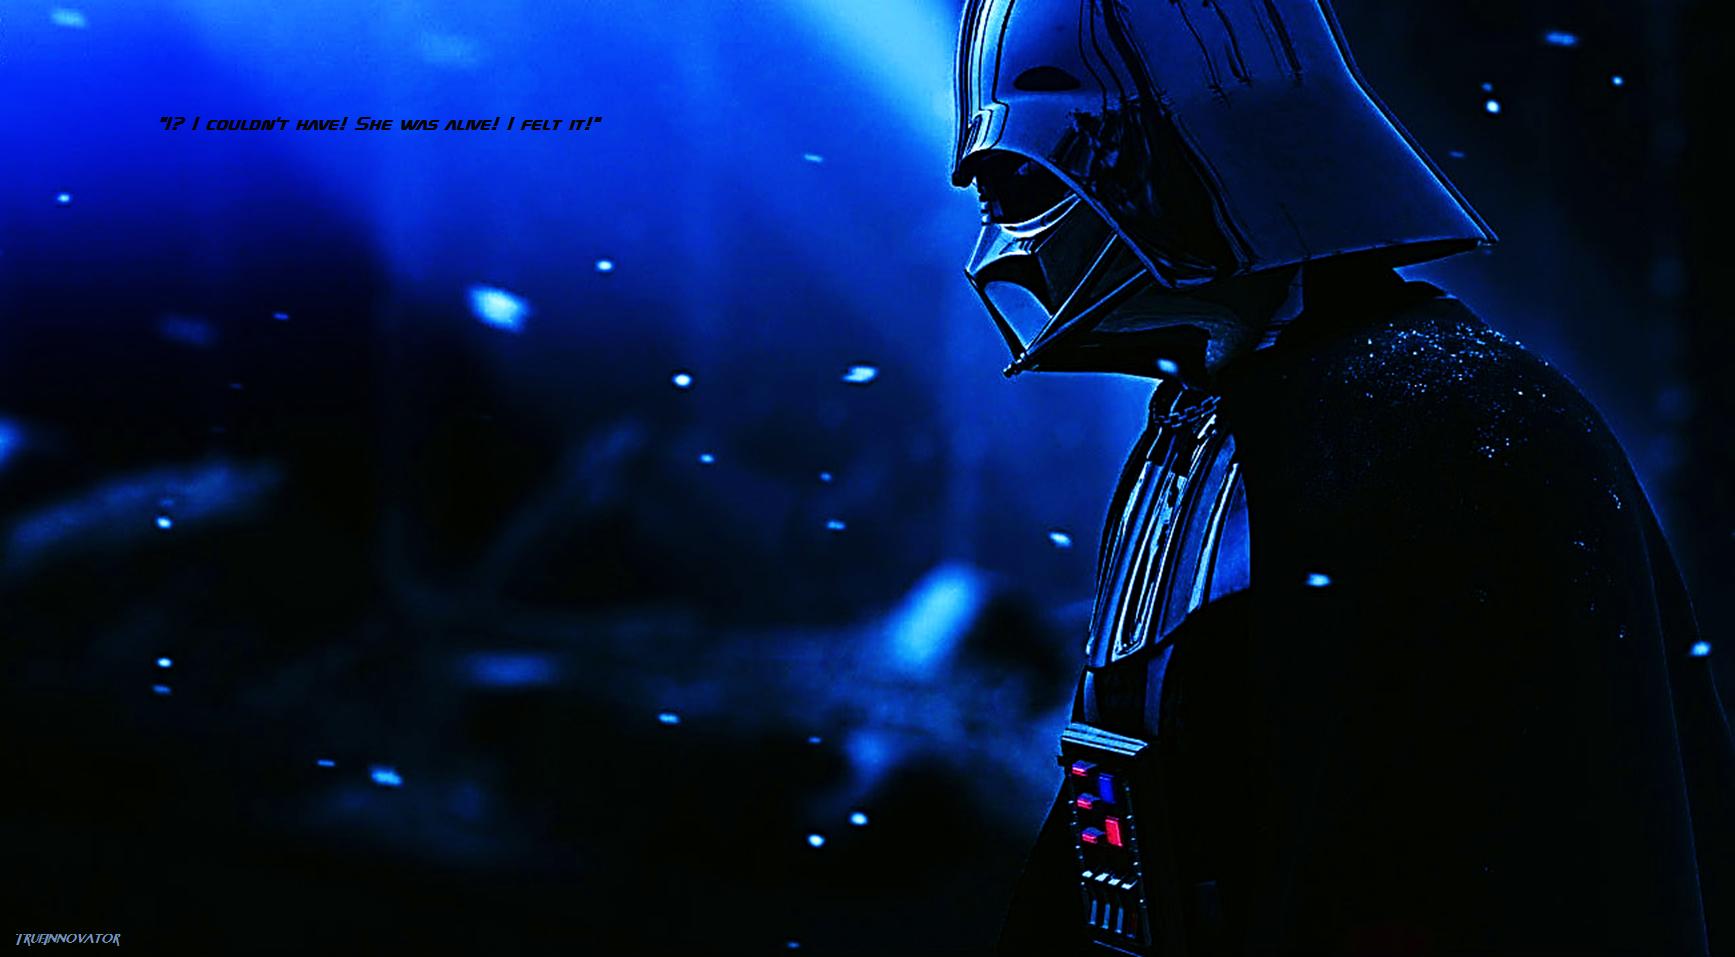 Darth Vader Darth Vader image   501st Legion Vaders Fist   Mod 1735x957